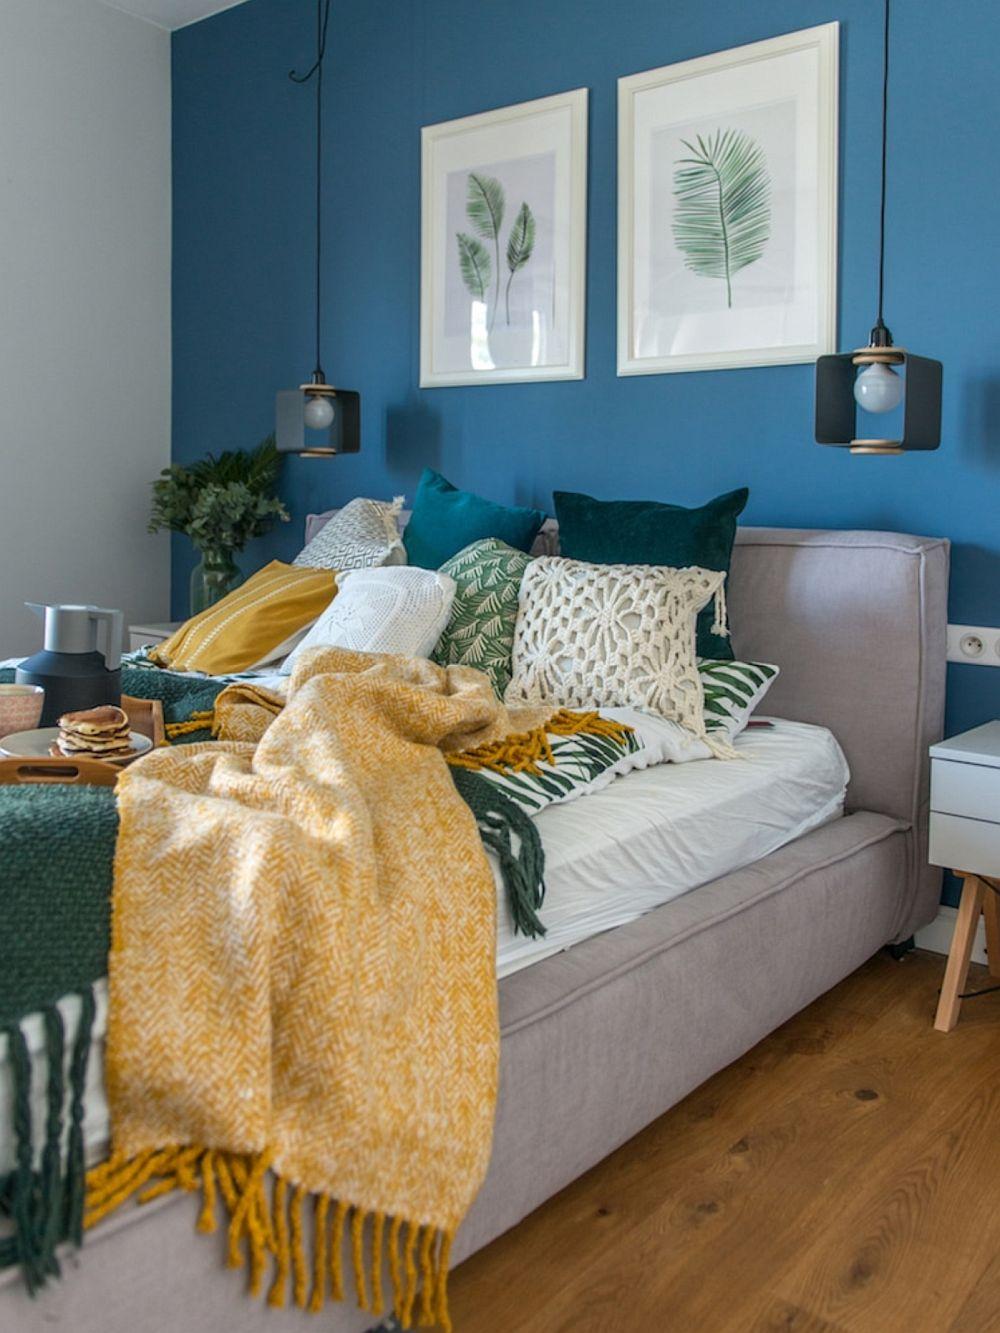 În decorul unei camere contează o nuanță de accent pe un perete, dar și mai mult contează modul cum este combinată cu restul obiectelor. Aici albastrul de pe perete devine odihnitor în relație cu tablourile cu paspartuu și rame albe și sugerează ideea de vacanță în relație cu decorațiunile textile de la nivelul patului.